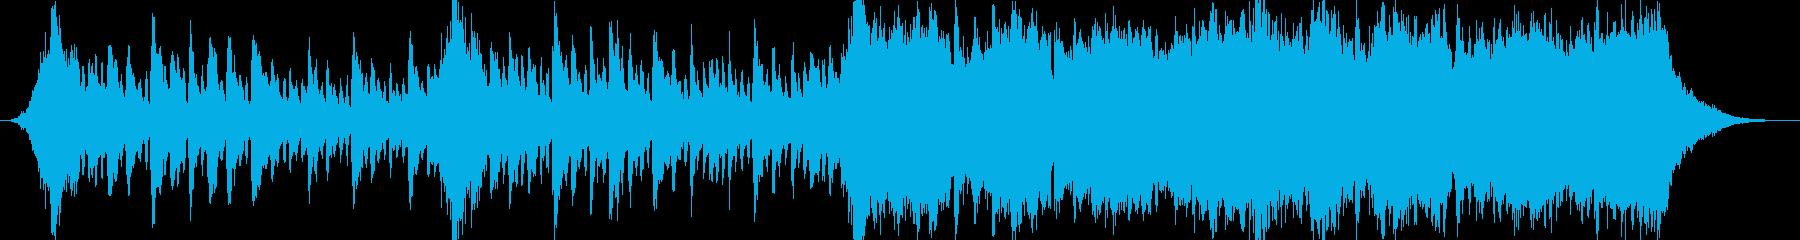 企業VPや映像40、壮大、オーケストラbの再生済みの波形